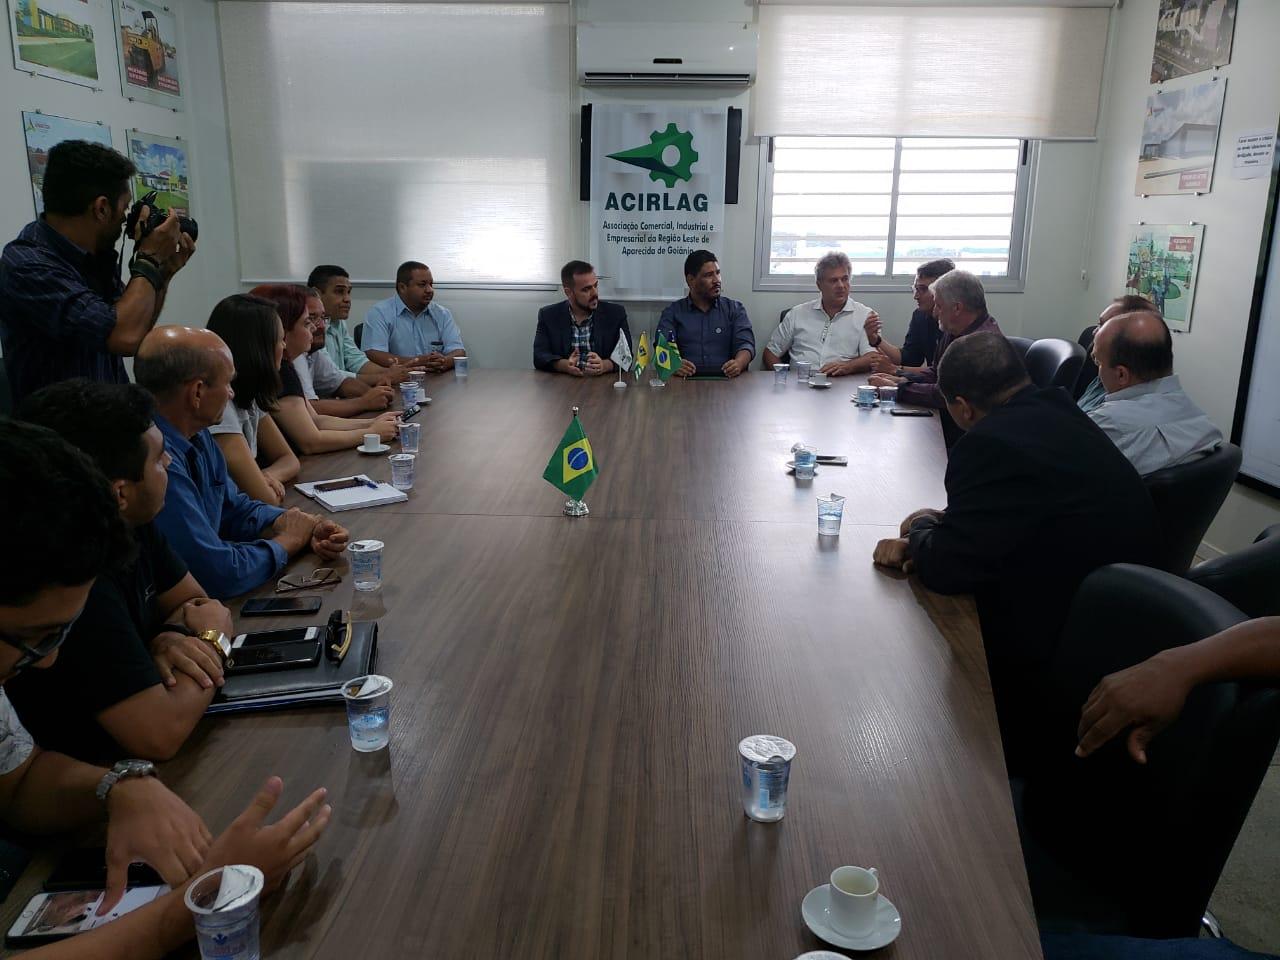 Em reunião com a prefeitura, Acirlag debate demandas dos empresários   Foto: Folha Z